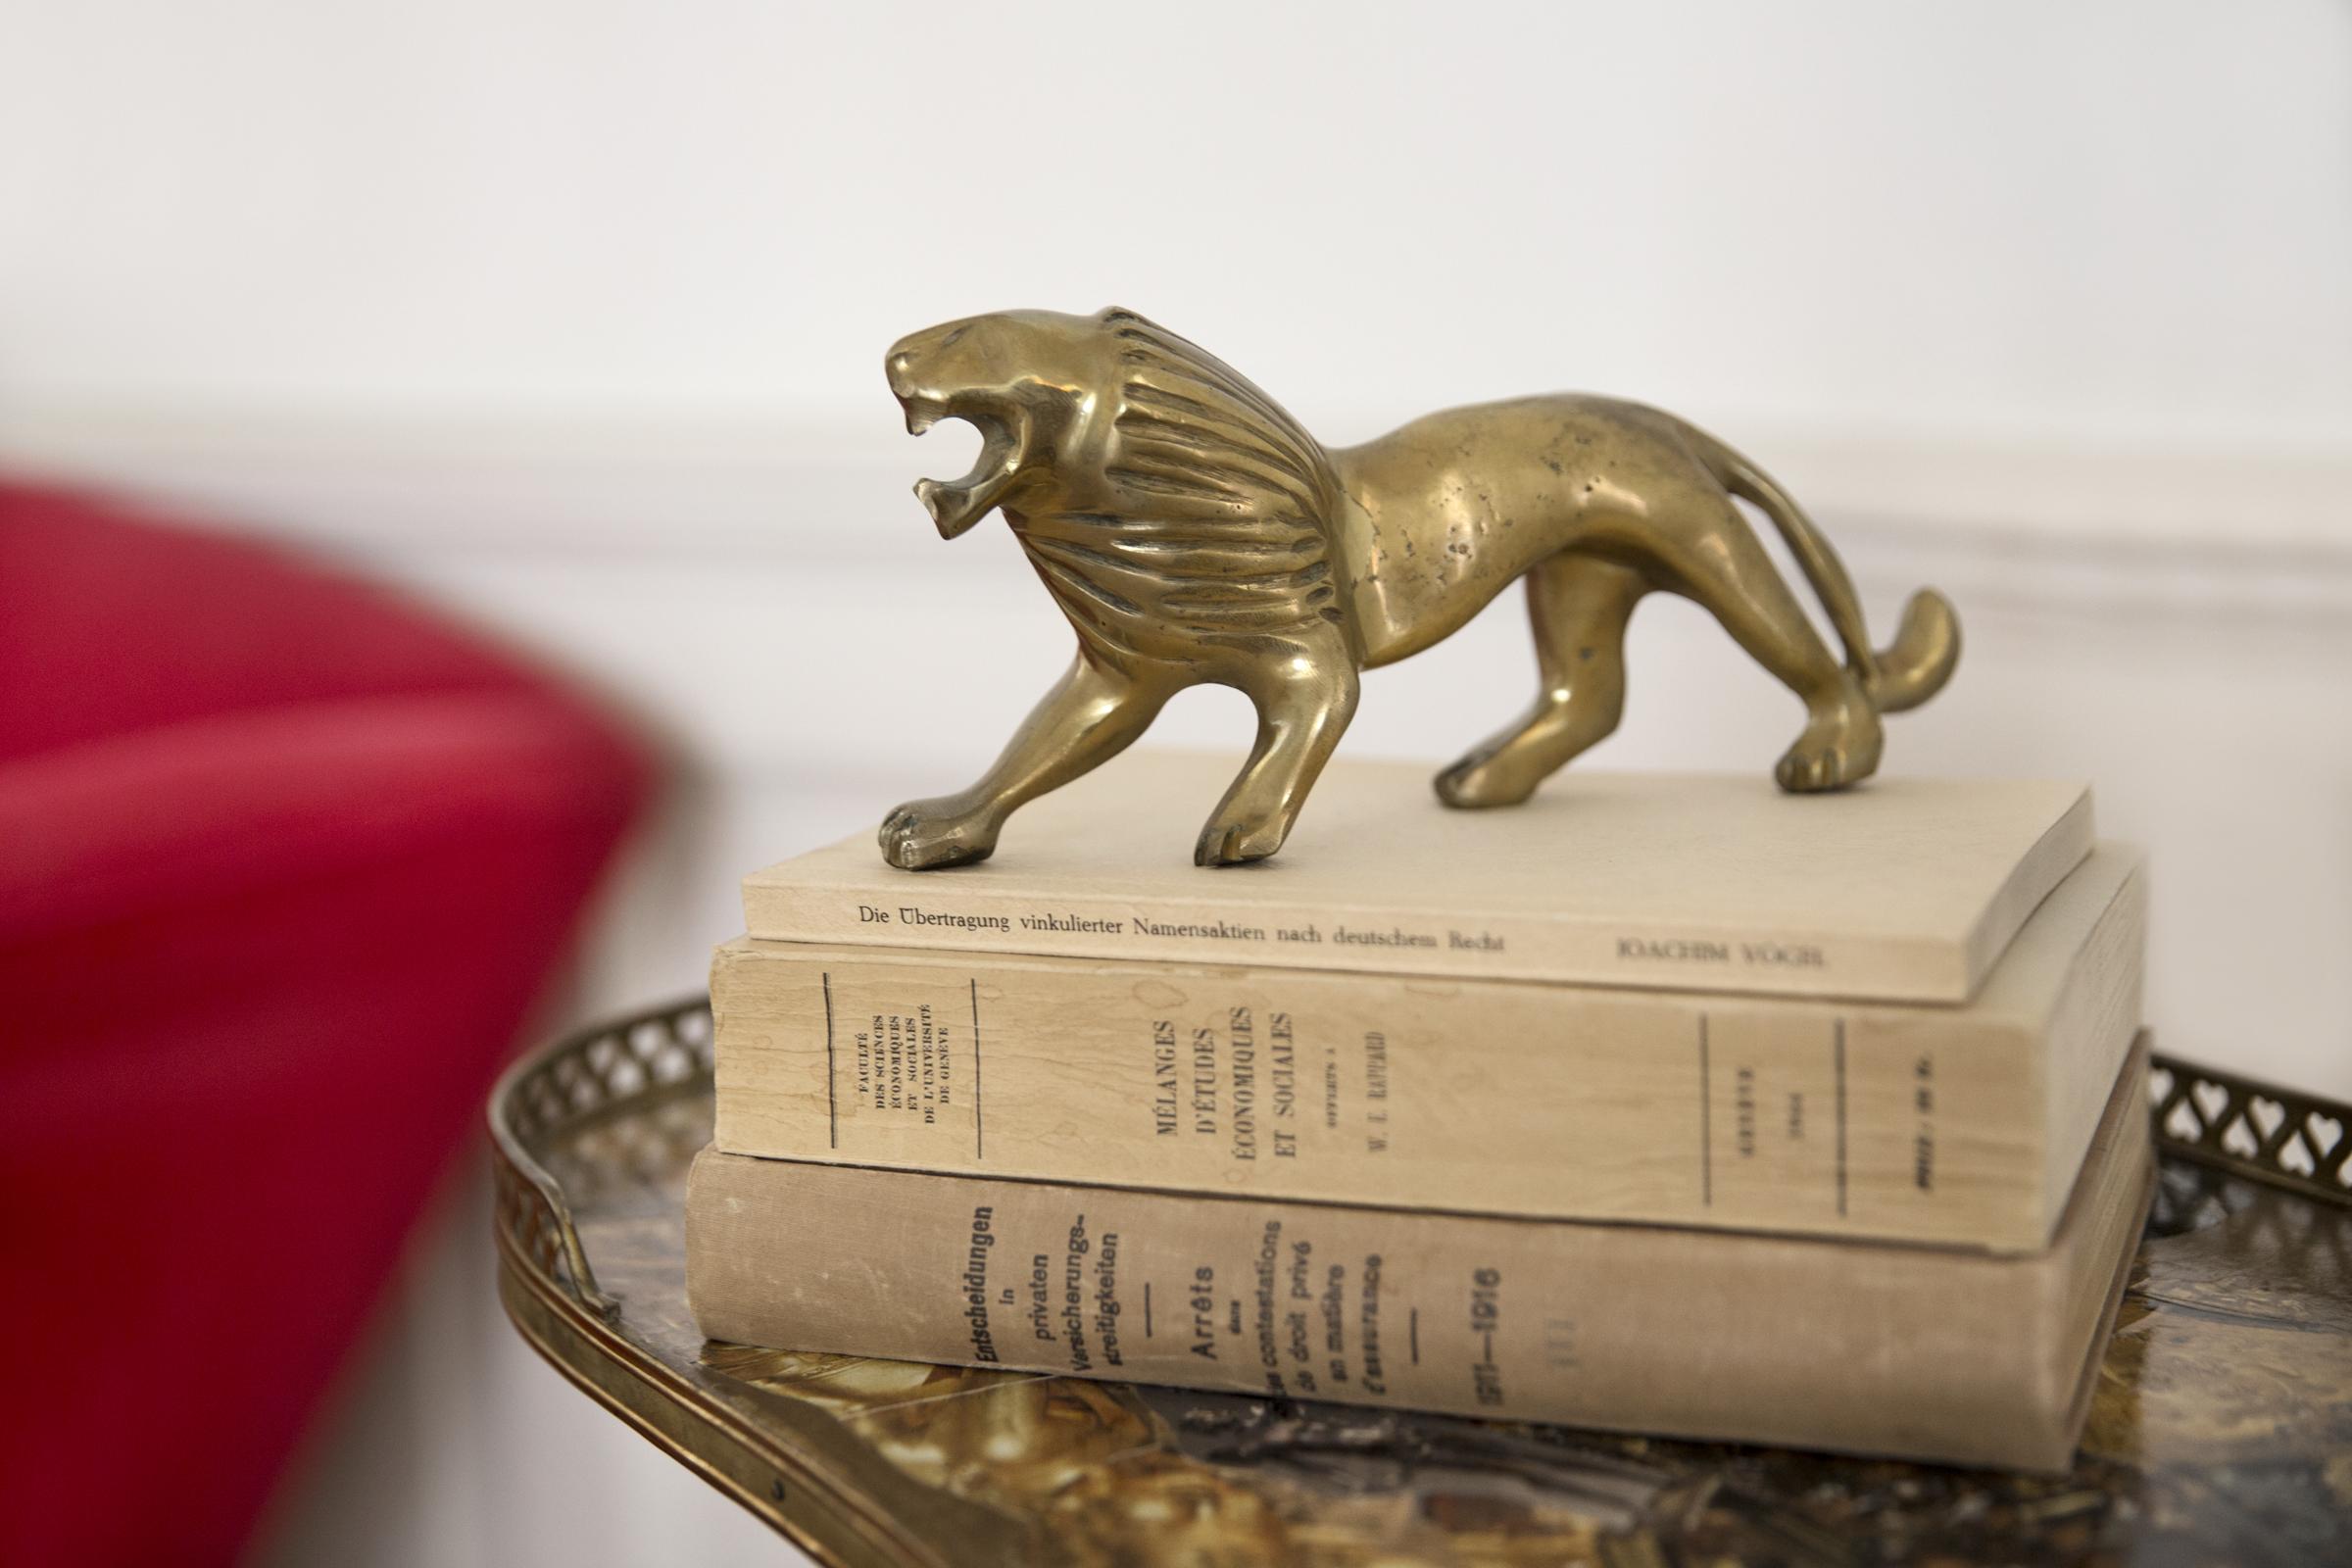 Etude d avocats, Lausanne, lion-d'or, etude lausanne